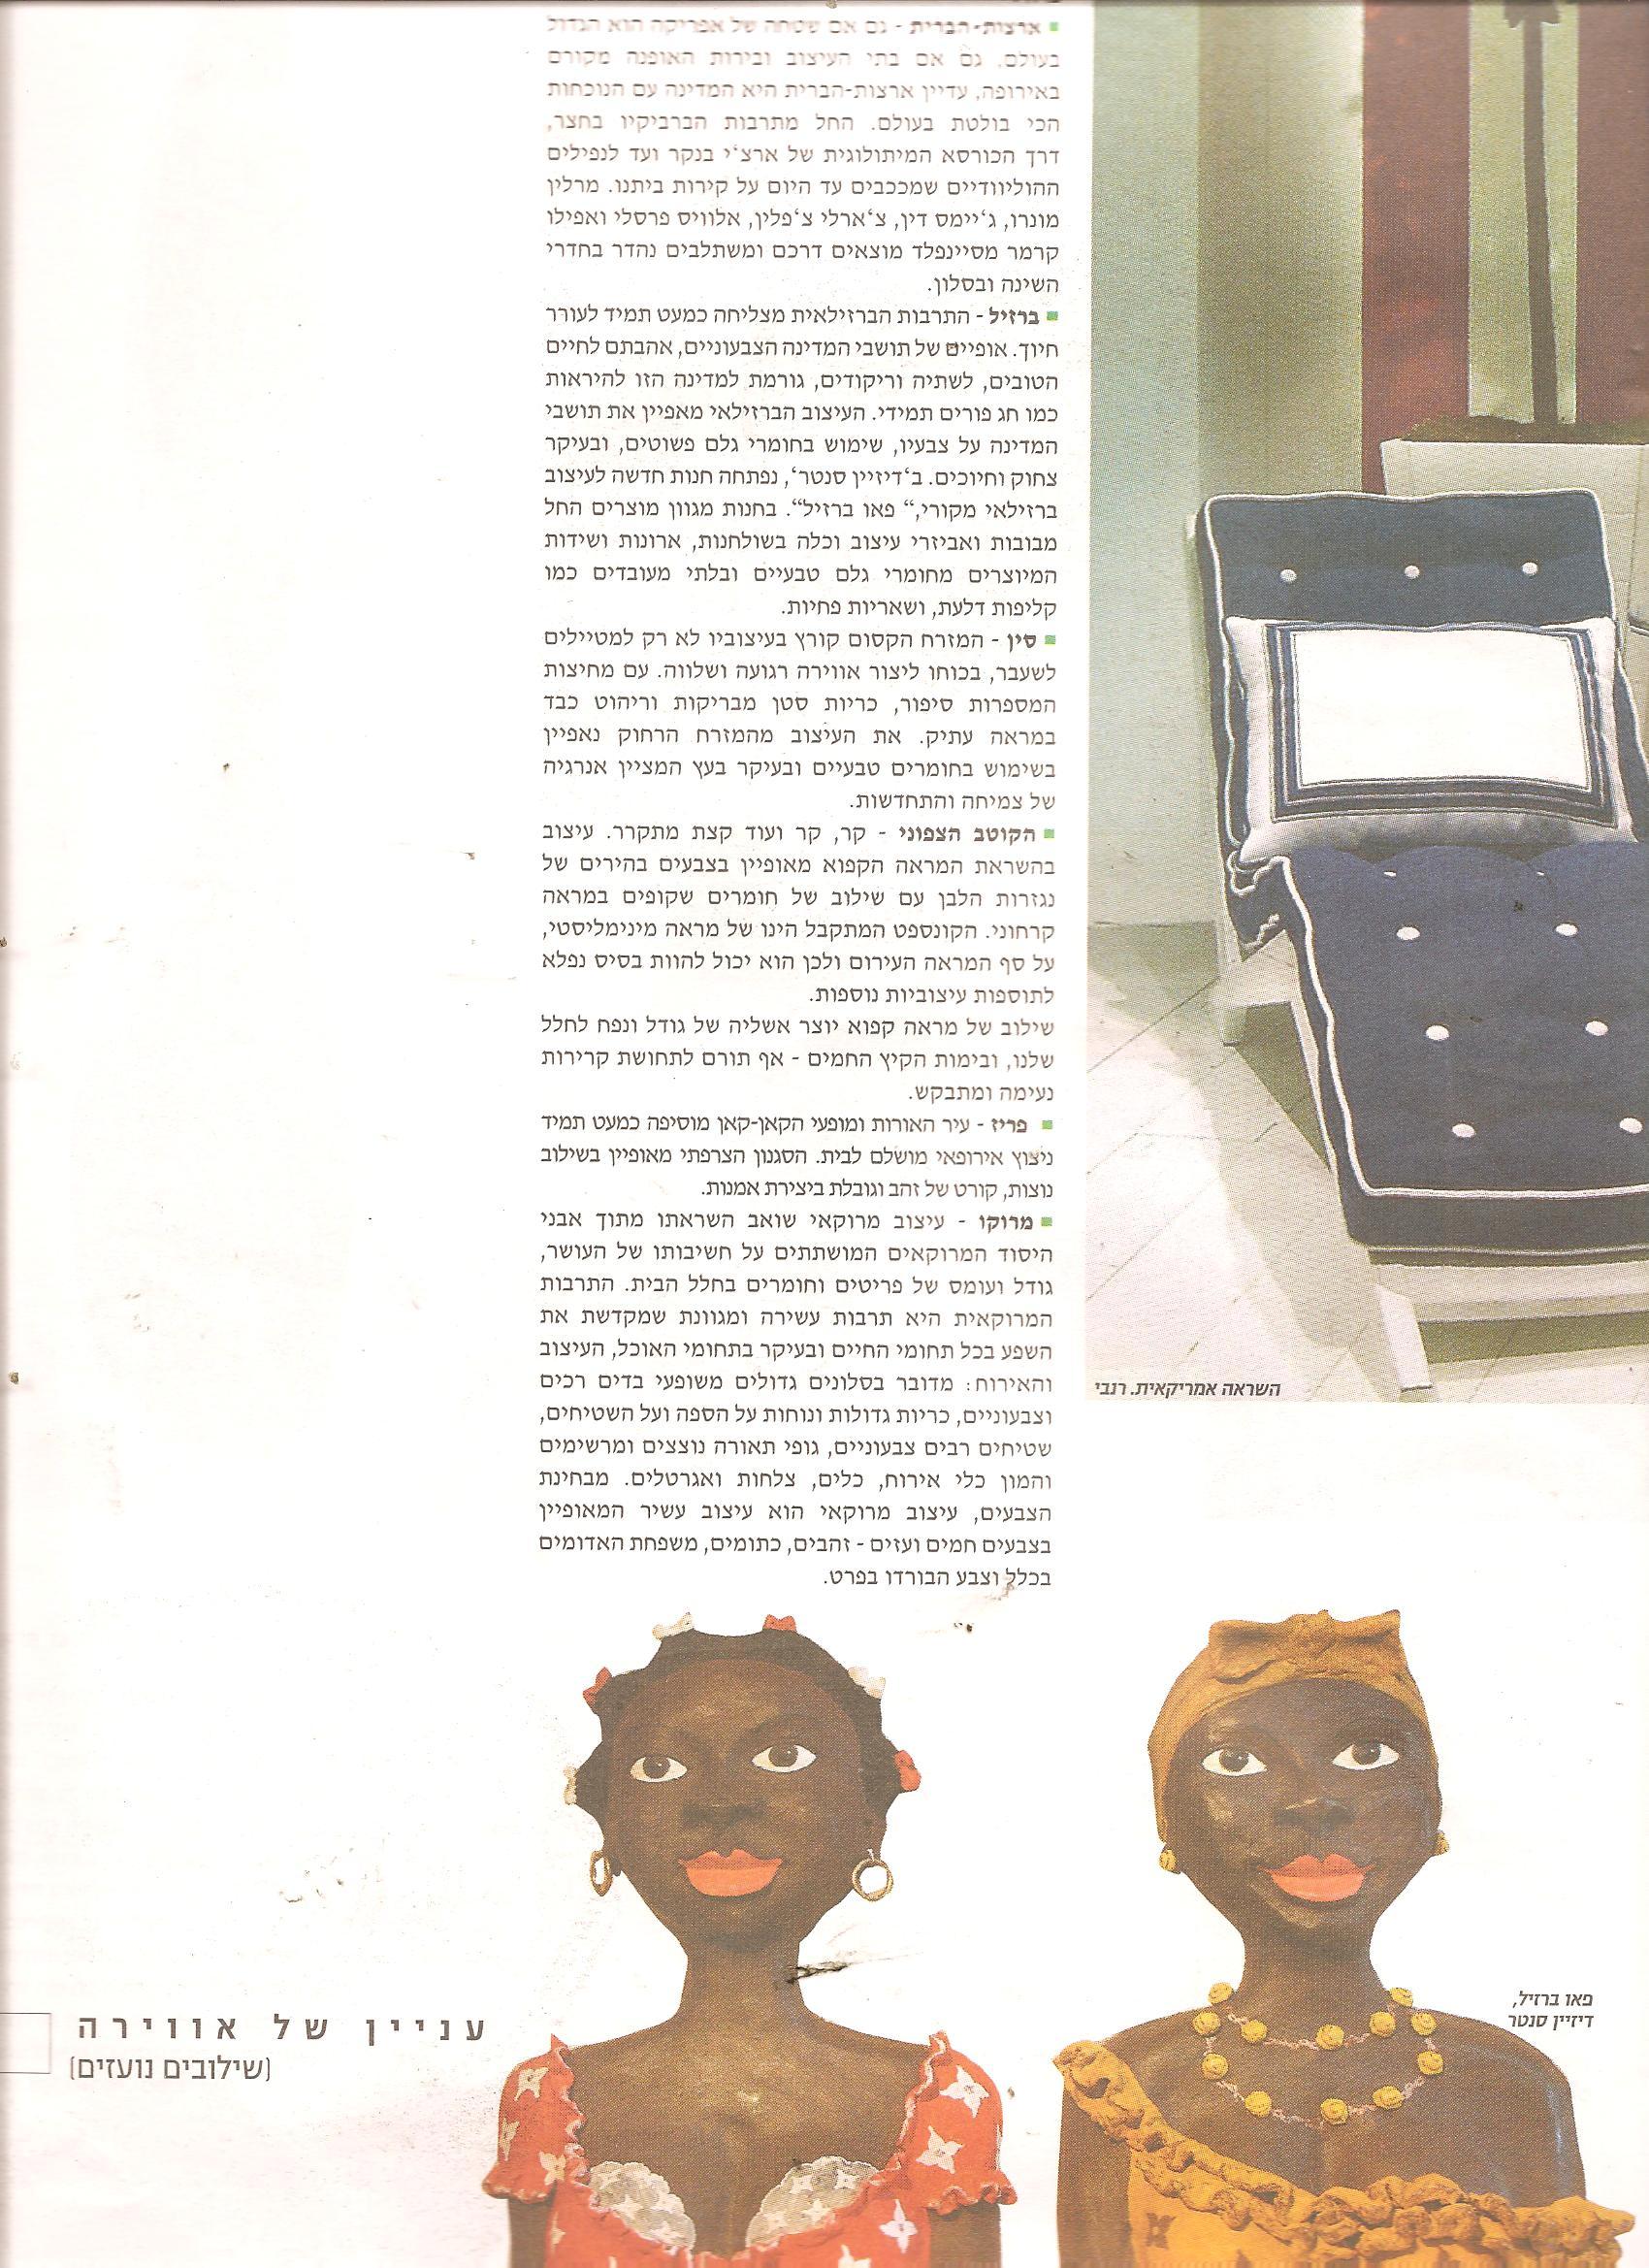 קונספט - מגלים עולמות - עמוד 2